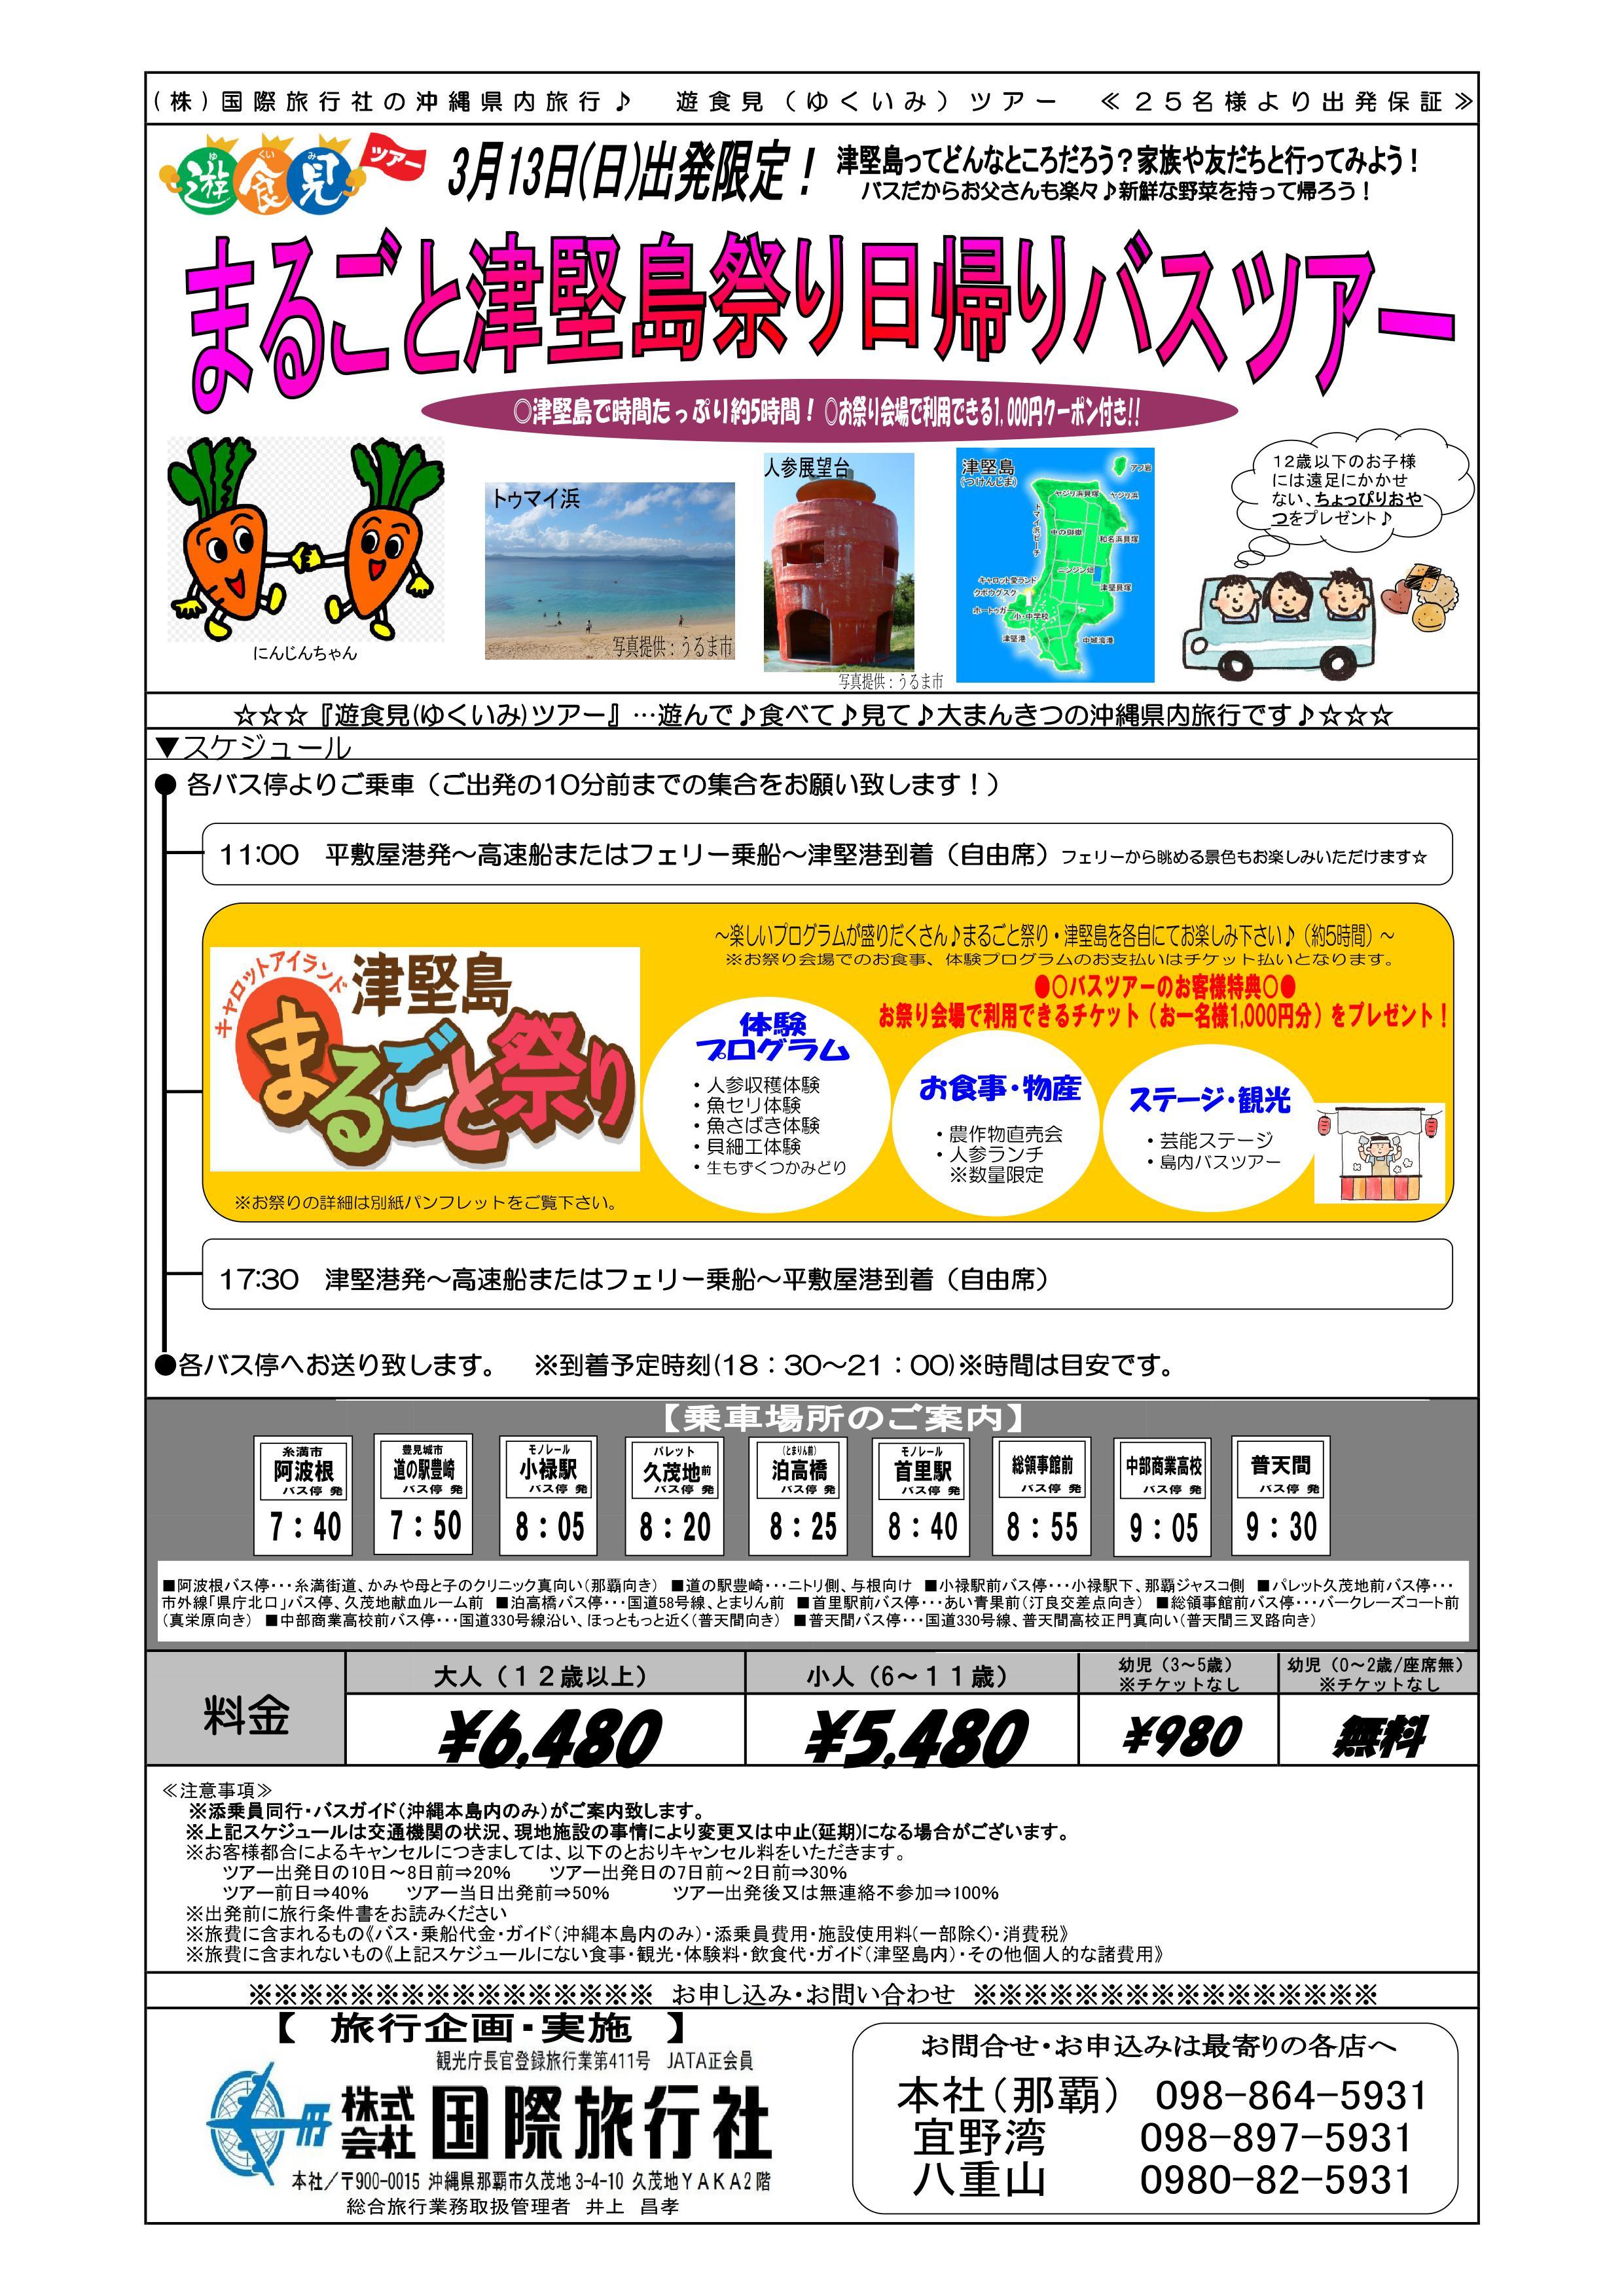 まるごと津堅島祭り 国際旅行社日帰りバスツアー